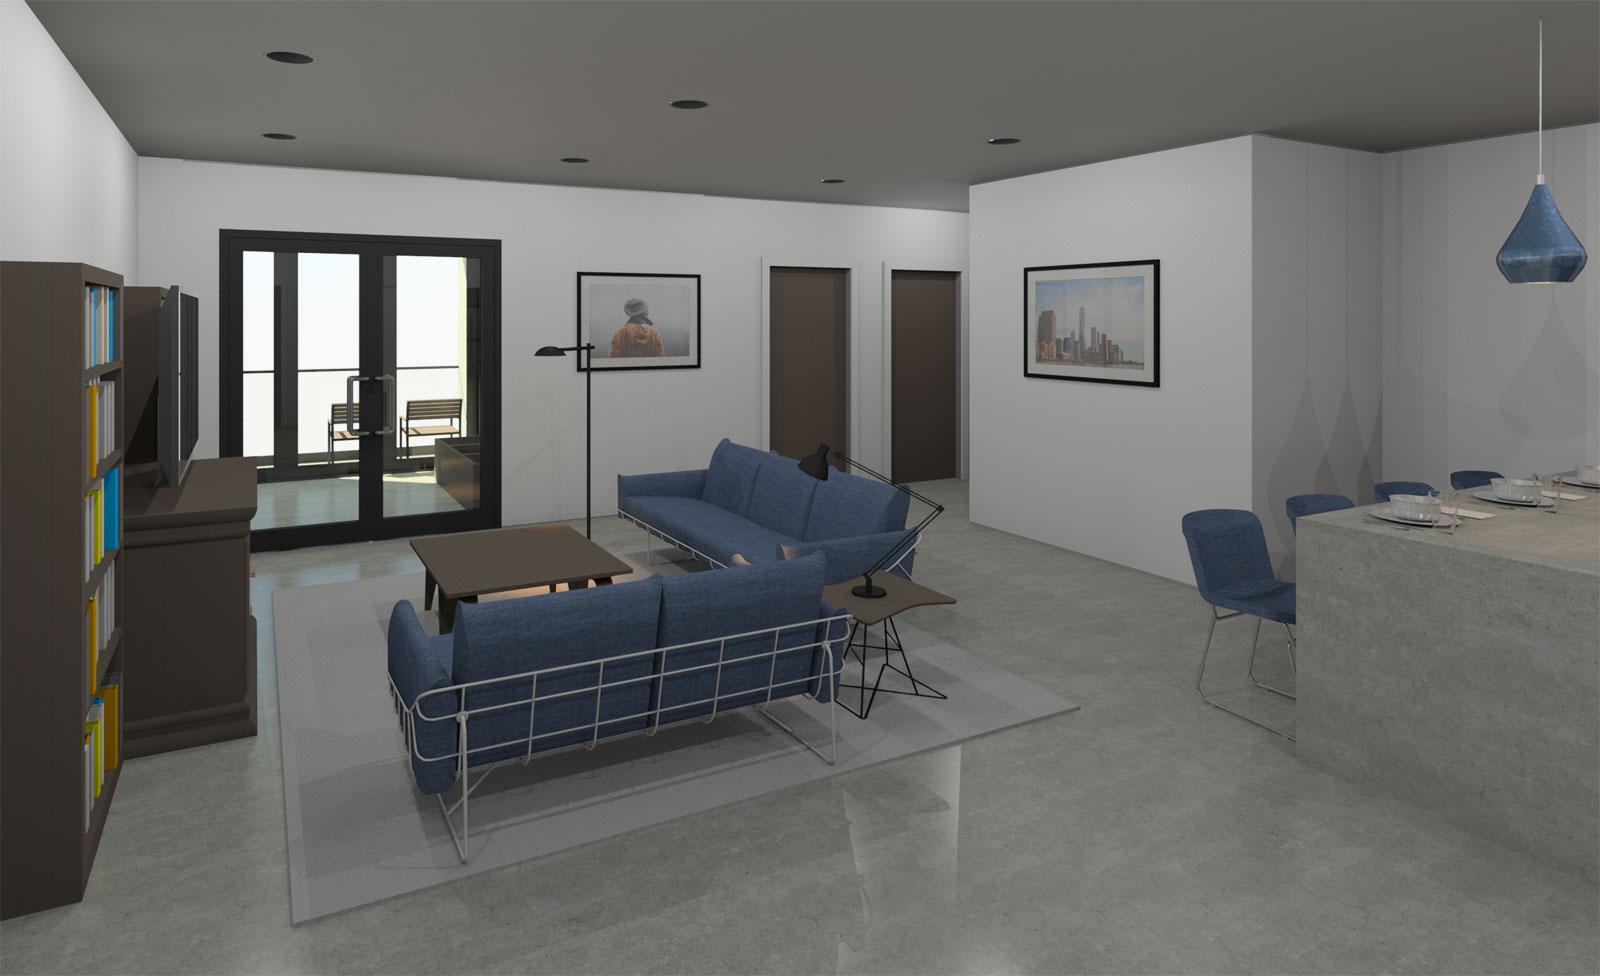 2 Bedroom Interior Draft 04